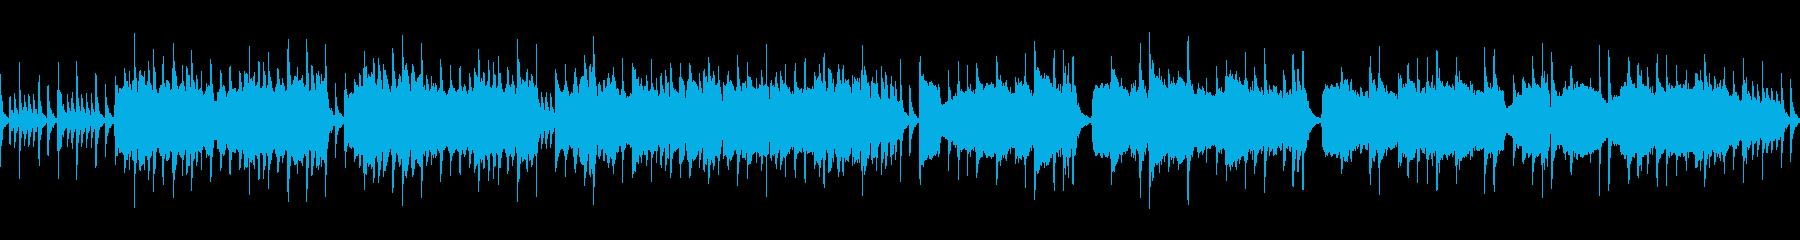 村をイメージした和楽器のBGMの再生済みの波形